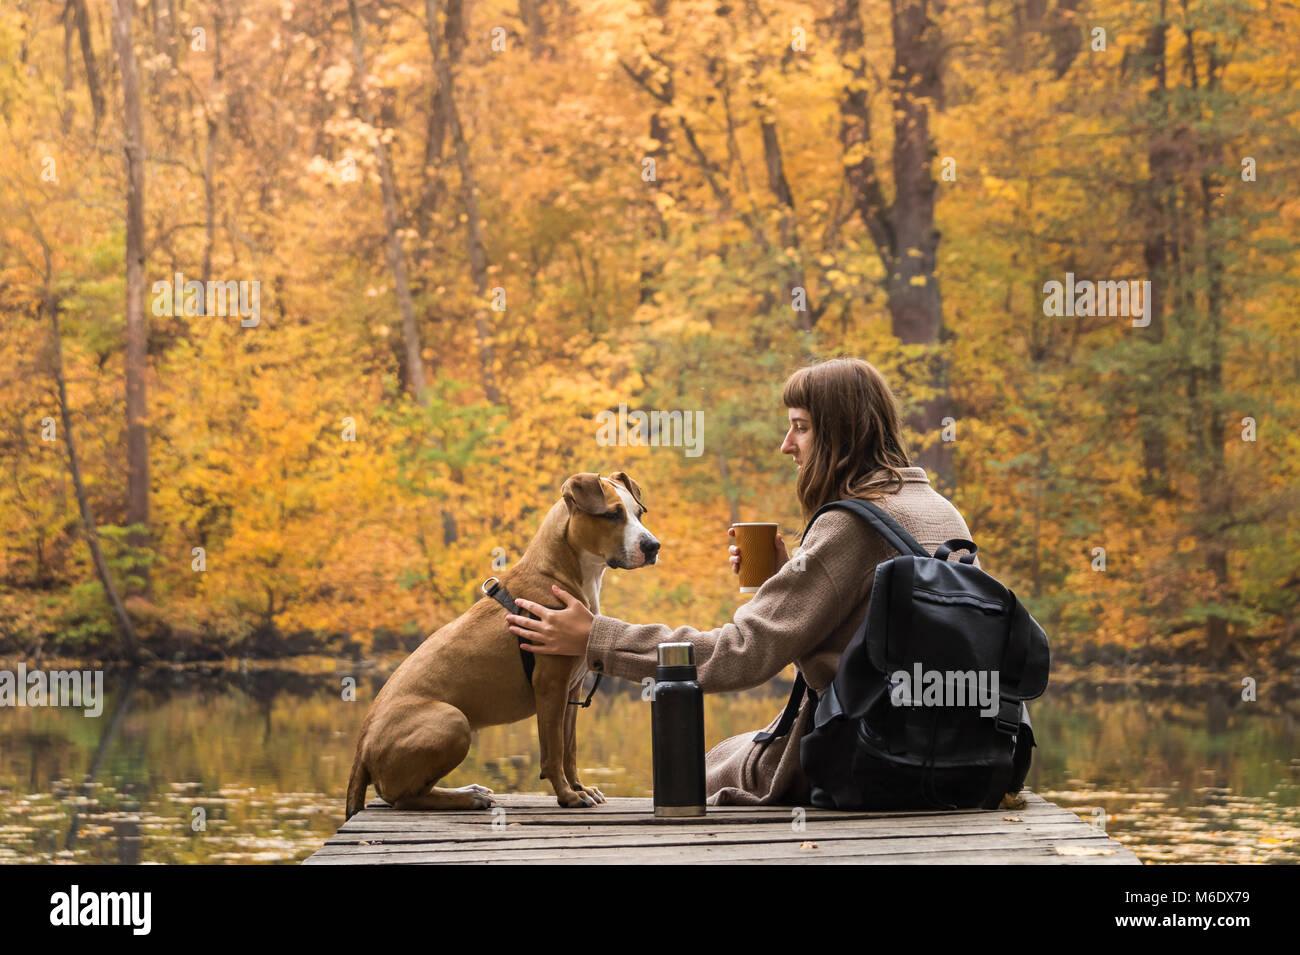 Chica y su mascota staffordshire terrier caminatas en el bosque y tener un descanso en riverbank, hembra habiendo Imagen De Stock